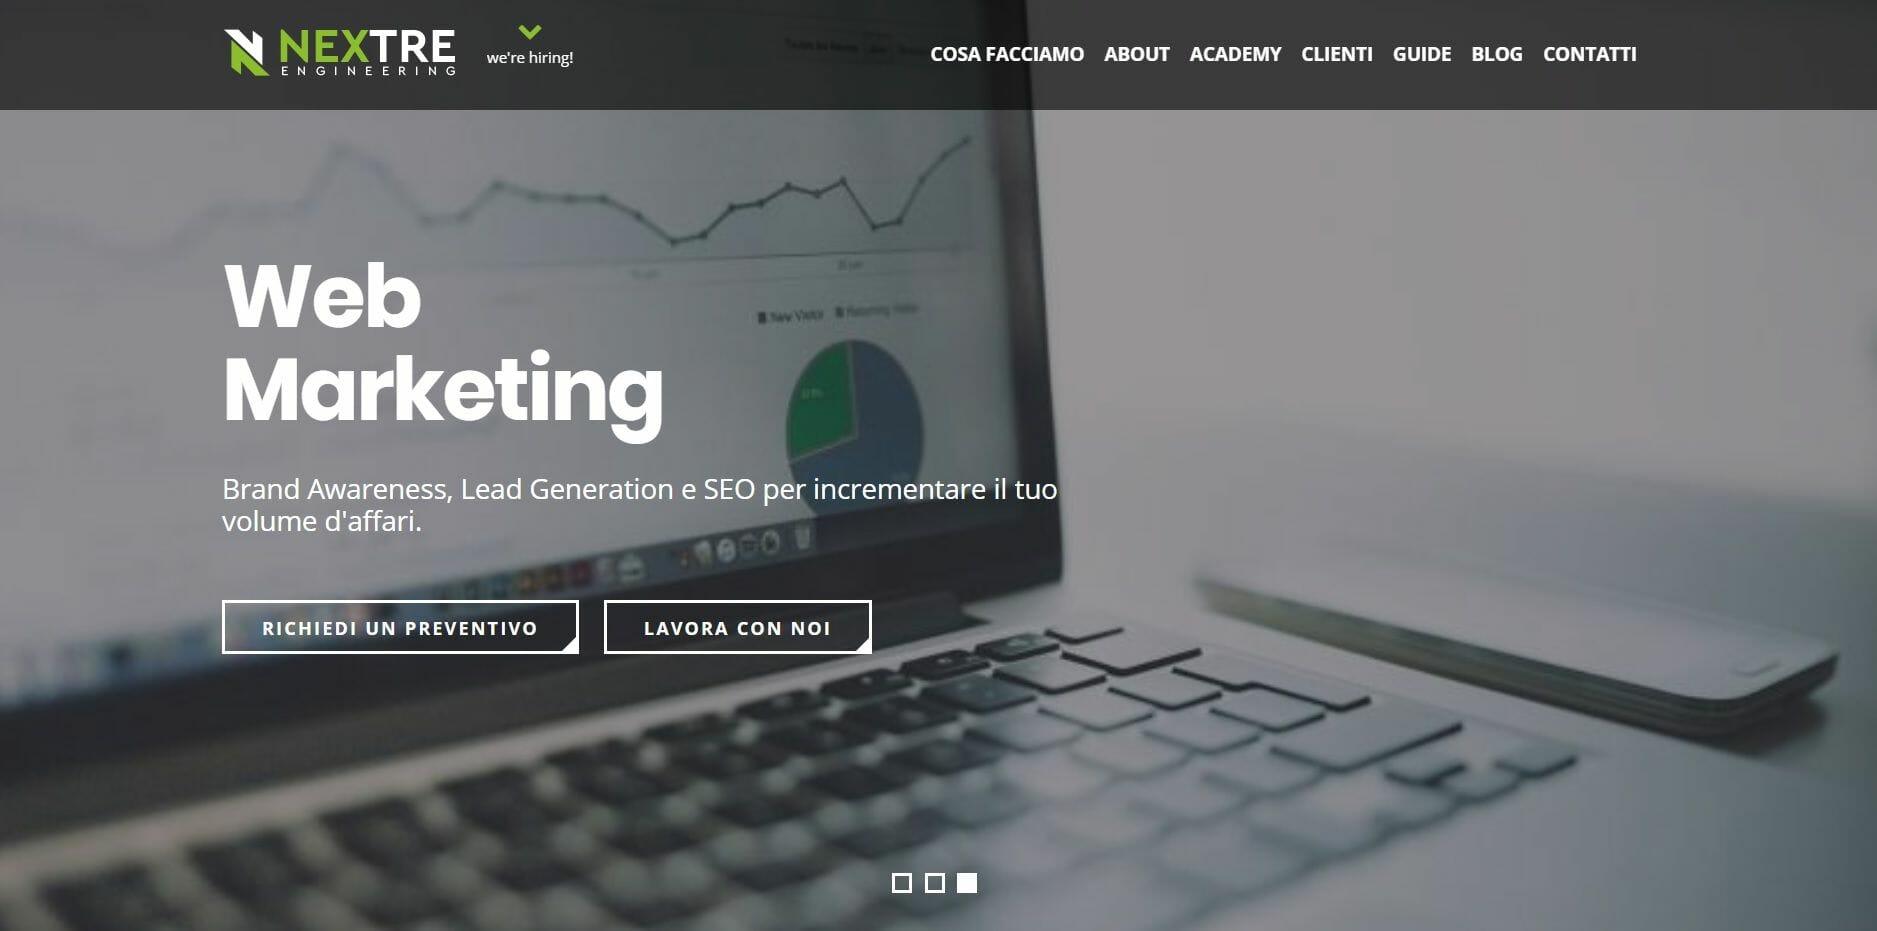 homepage Nextre Engineering - società di consulenza informatica